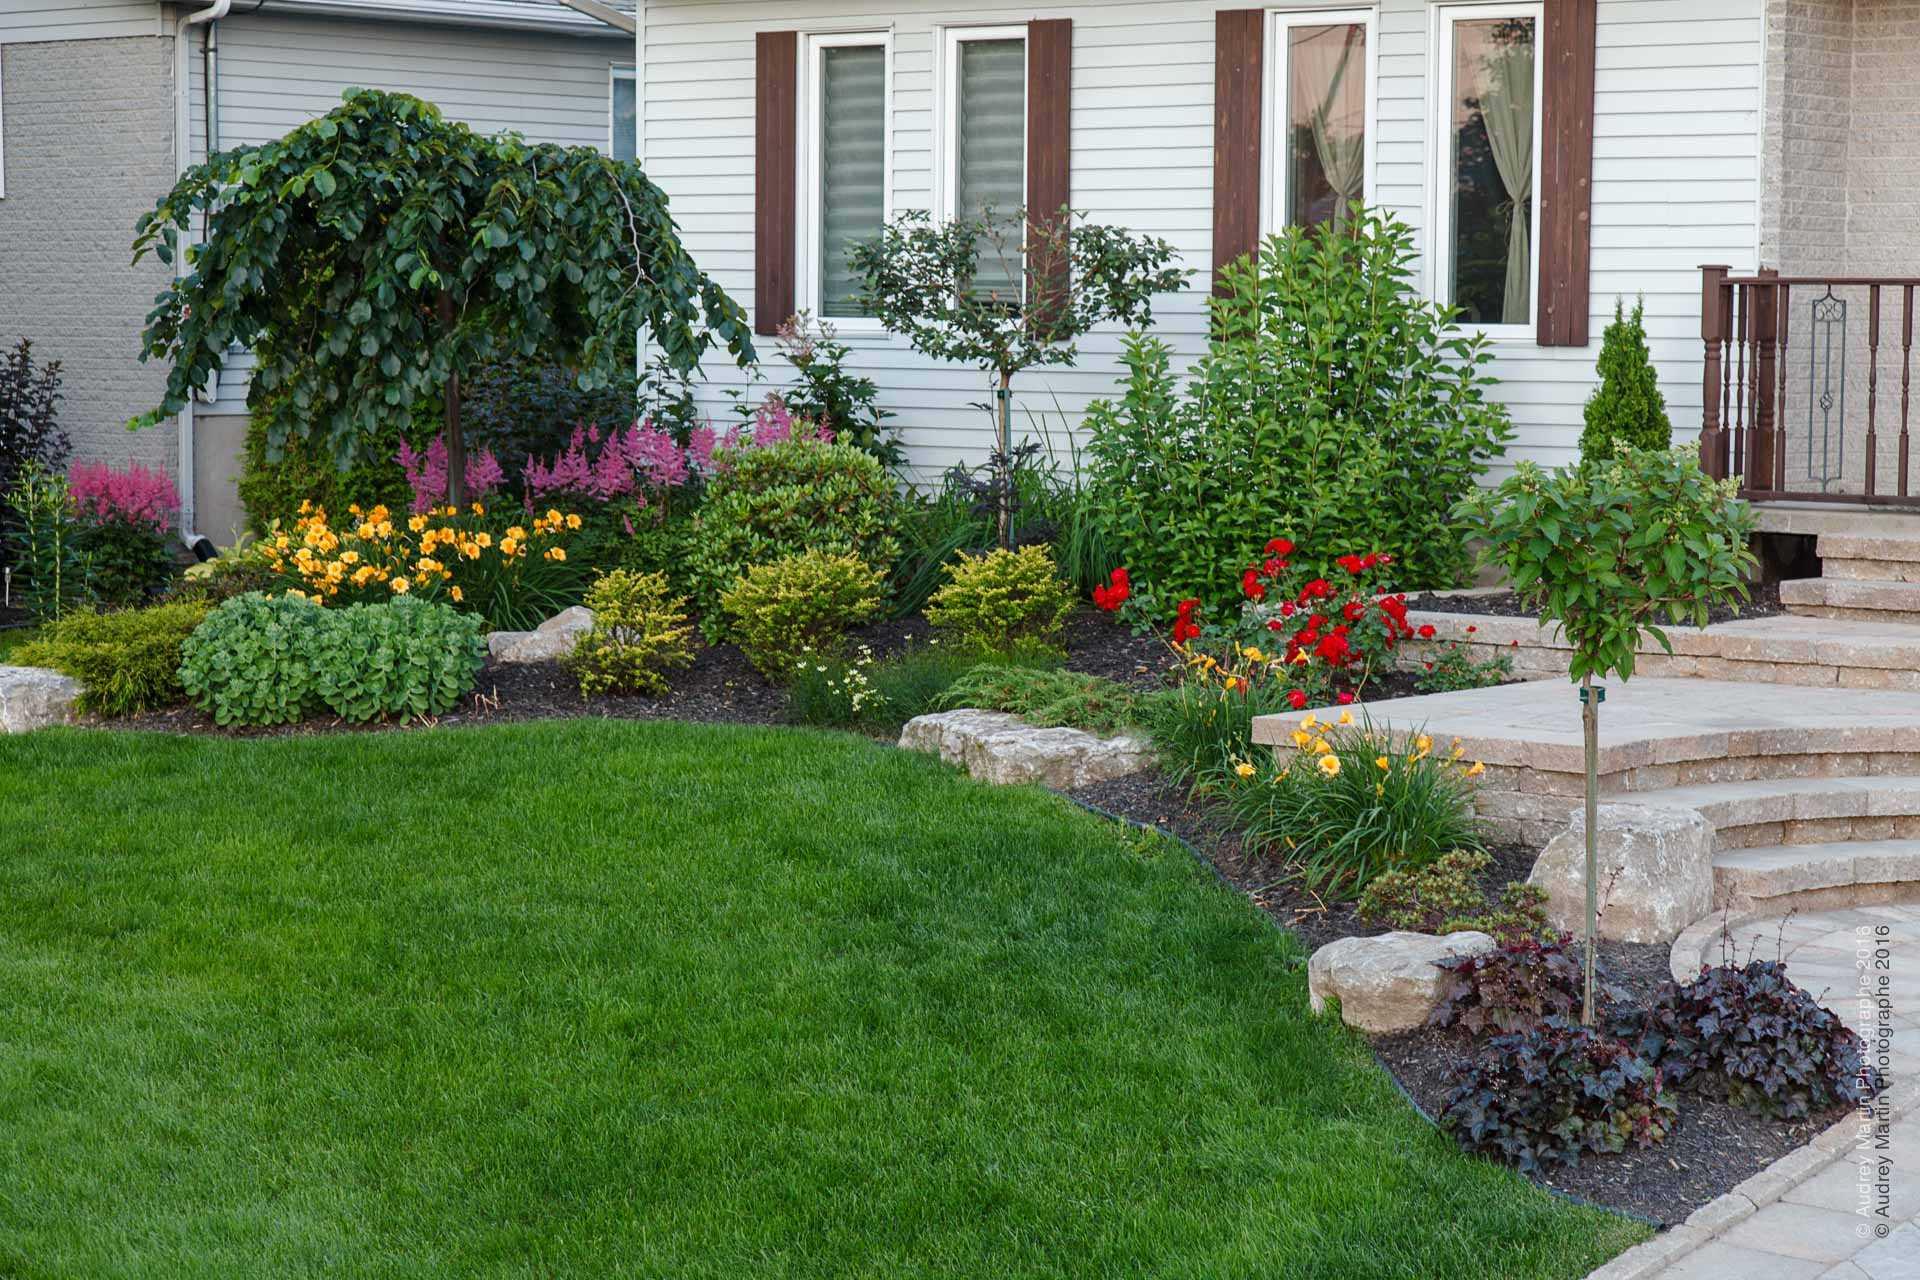 Idee Amenagement Jardin Devant Maison avec Comment Aménager Son Jardin Devant La Maison